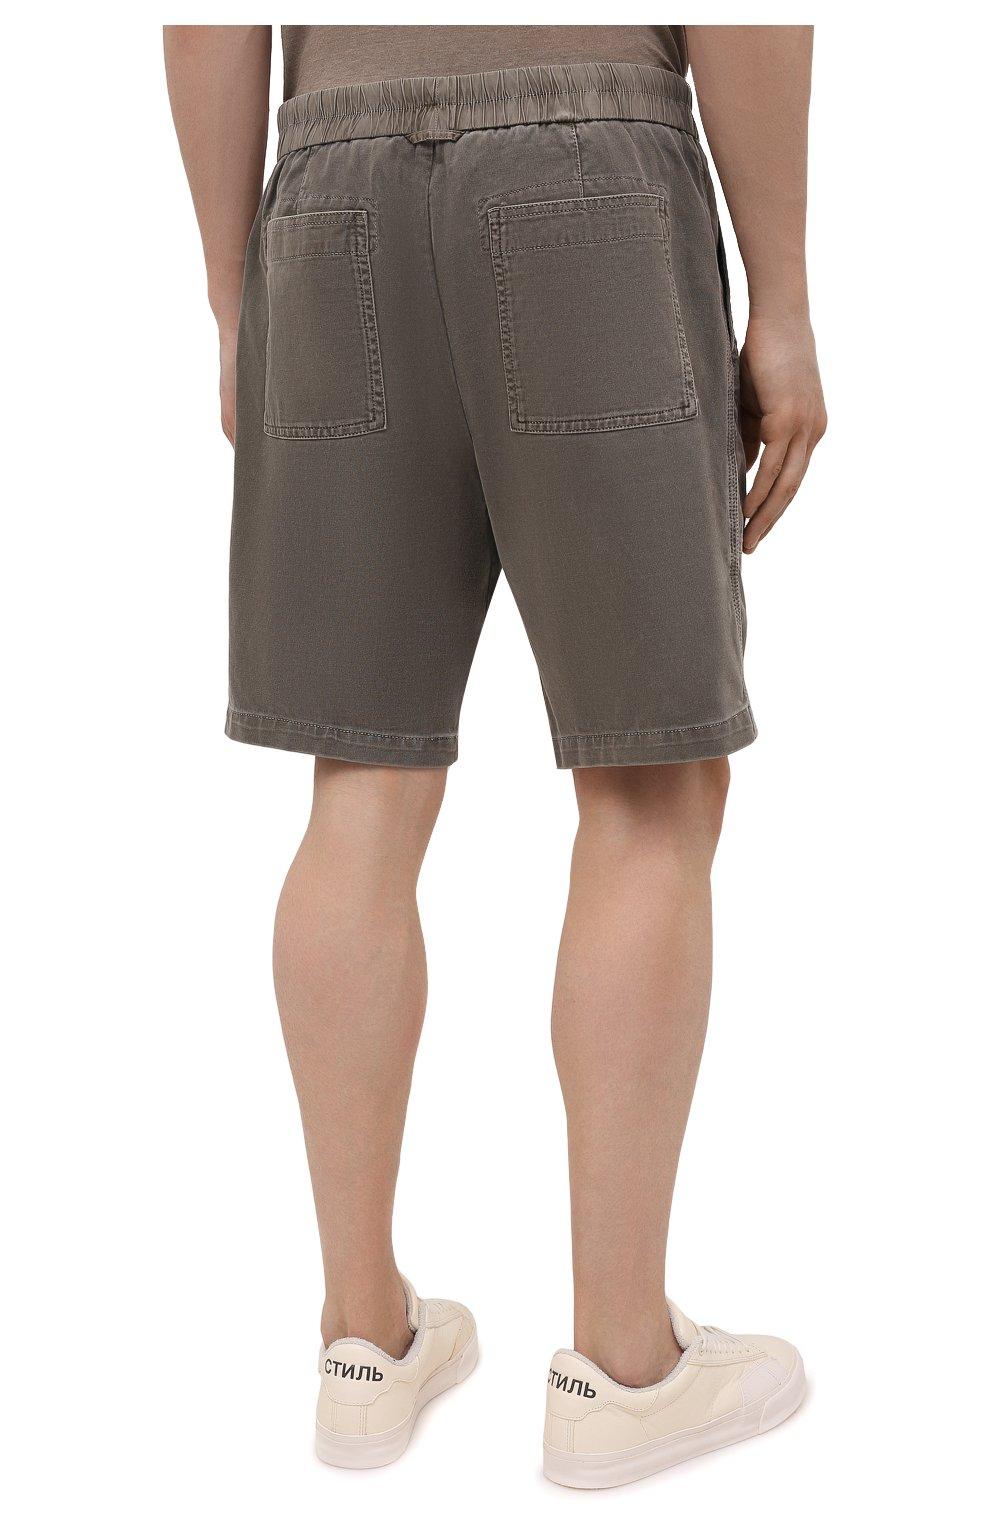 Мужские хлопковые шорты JAMES PERSE хаки цвета, арт. MNW4197 | Фото 4 (Мужское Кросс-КТ: Шорты-одежда; Длина Шорты М: До колена; Принт: Без принта; Материал внешний: Хлопок; Стили: Кэжуэл)